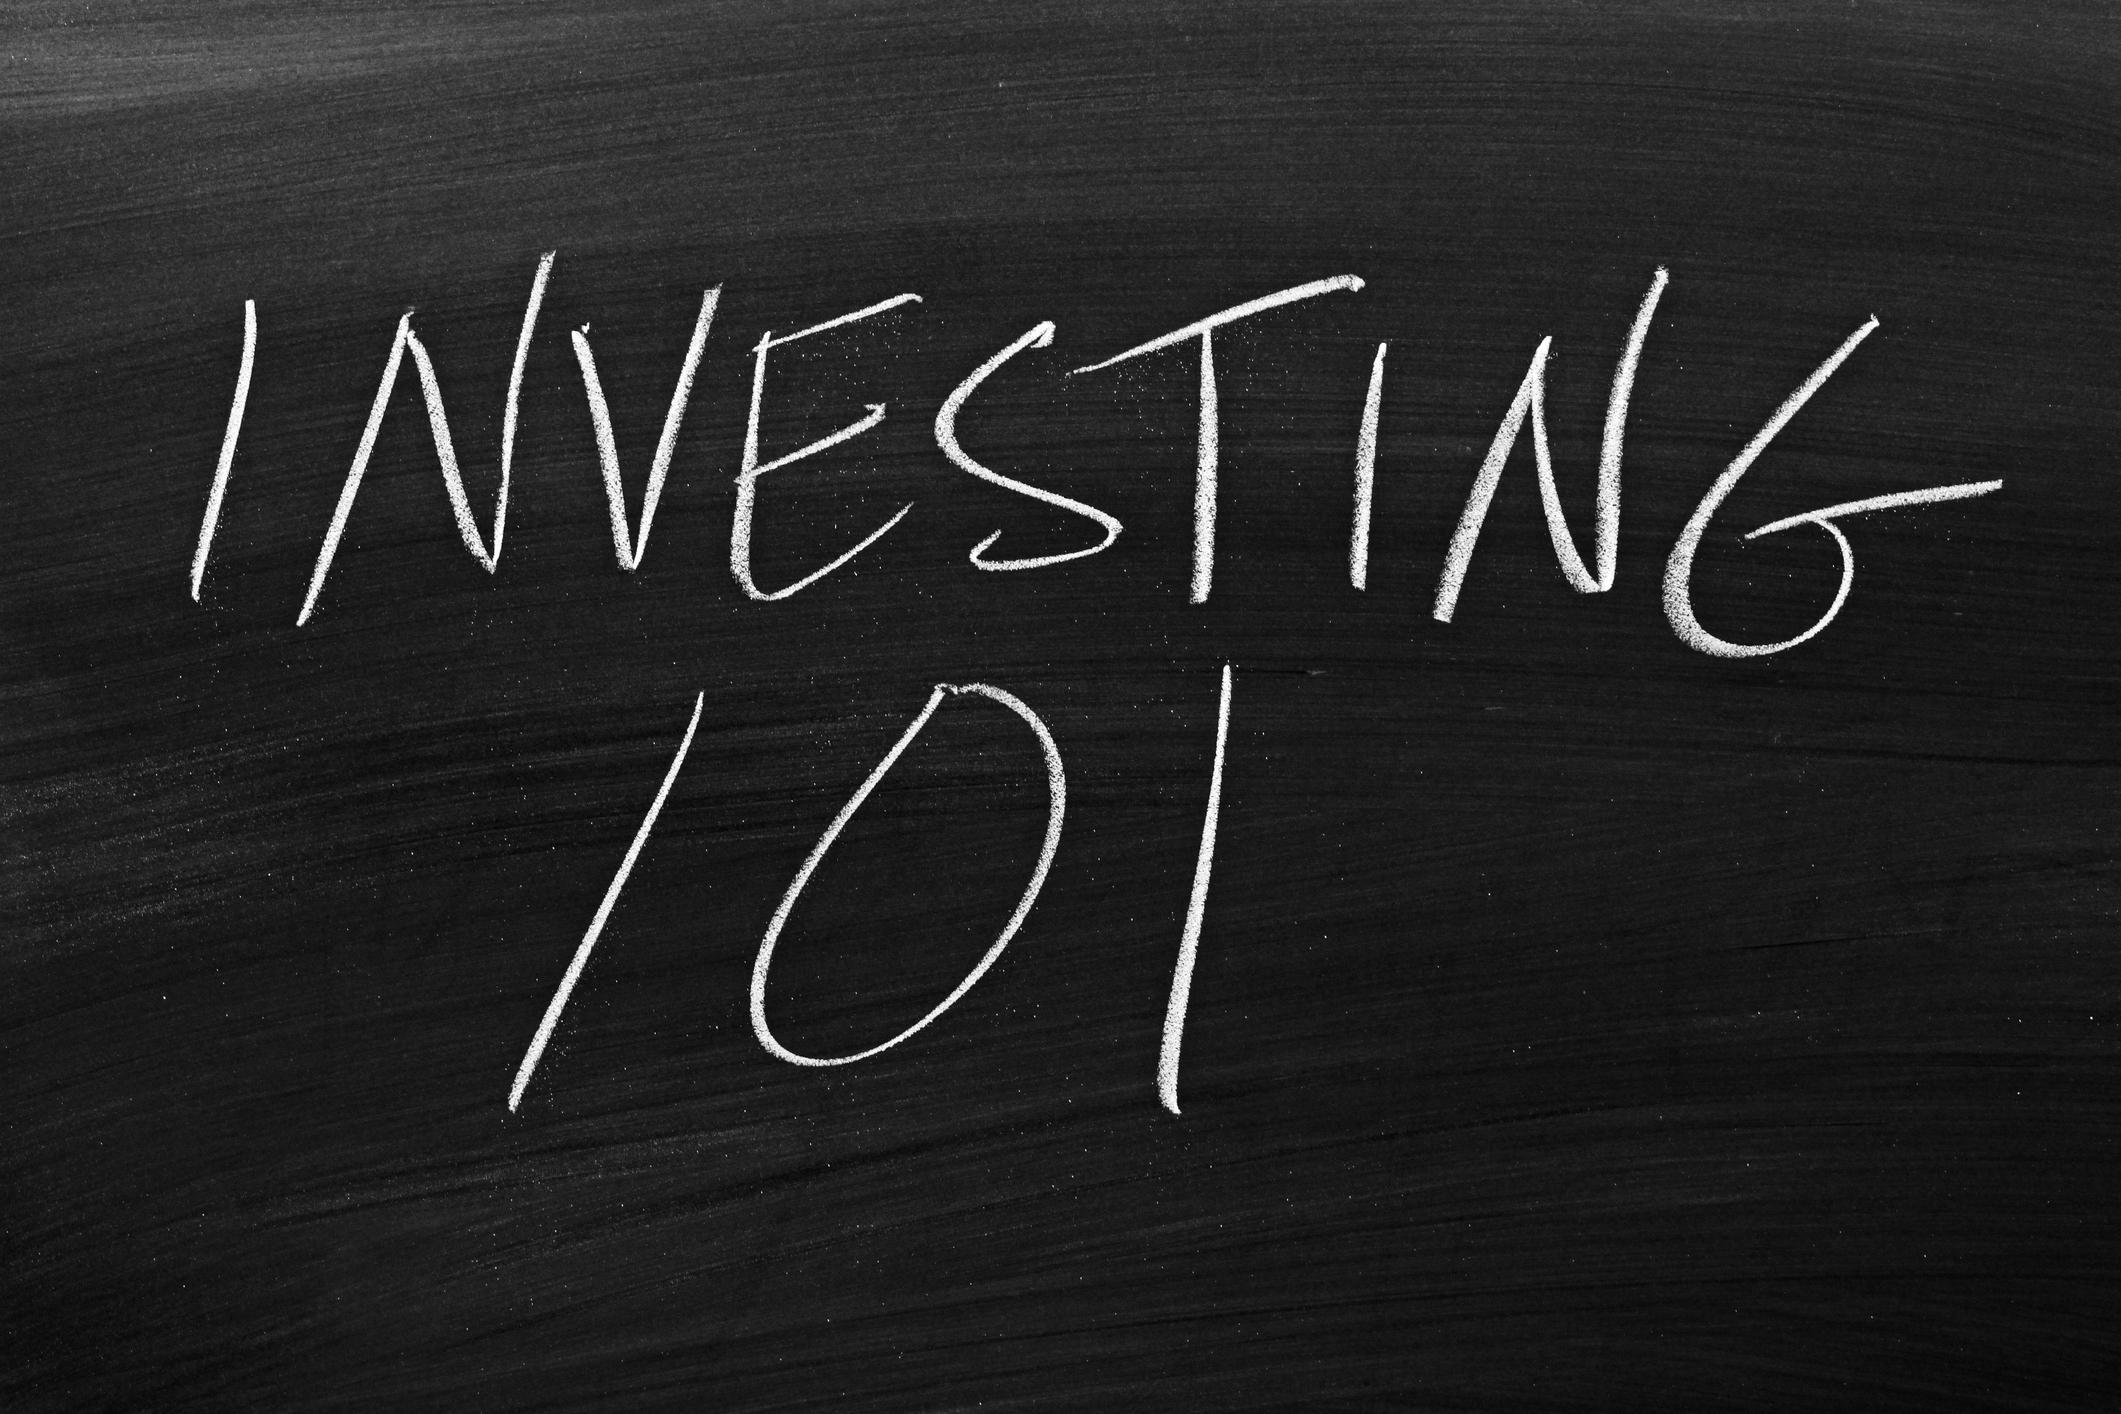 investing 101, written on a blackboard